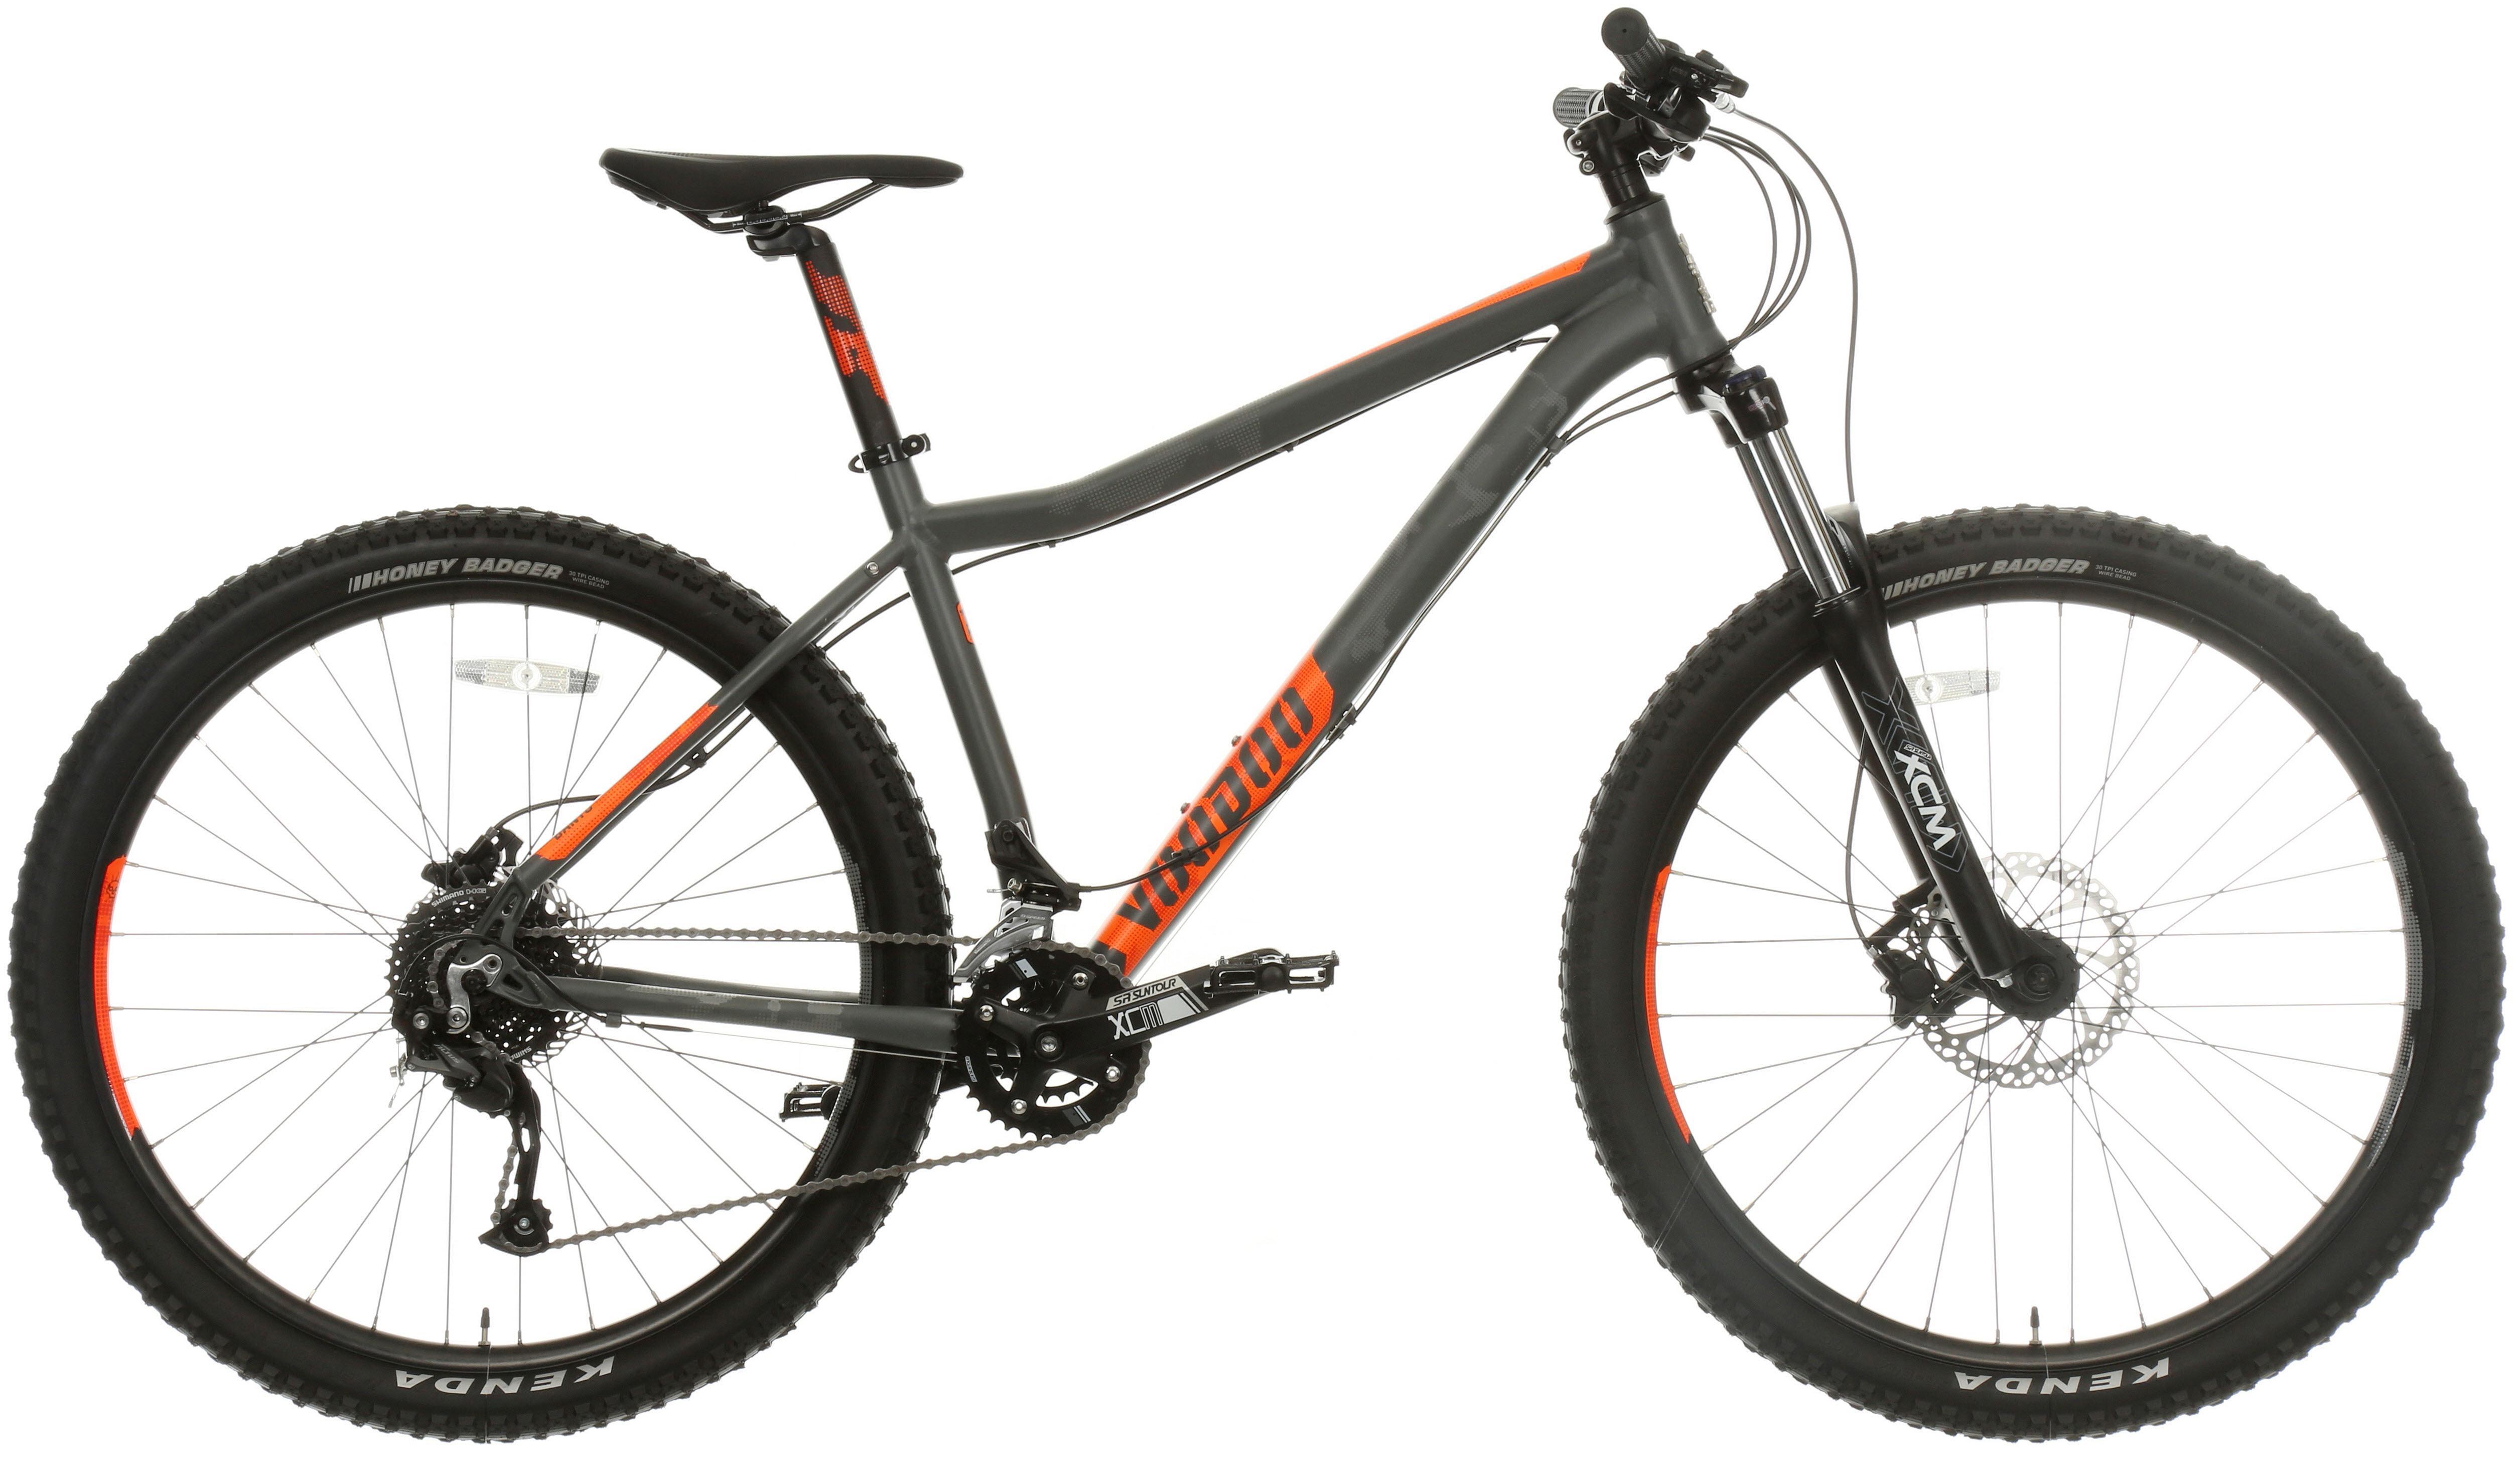 Voodoo Bantu Mountain Bike   18 Inch